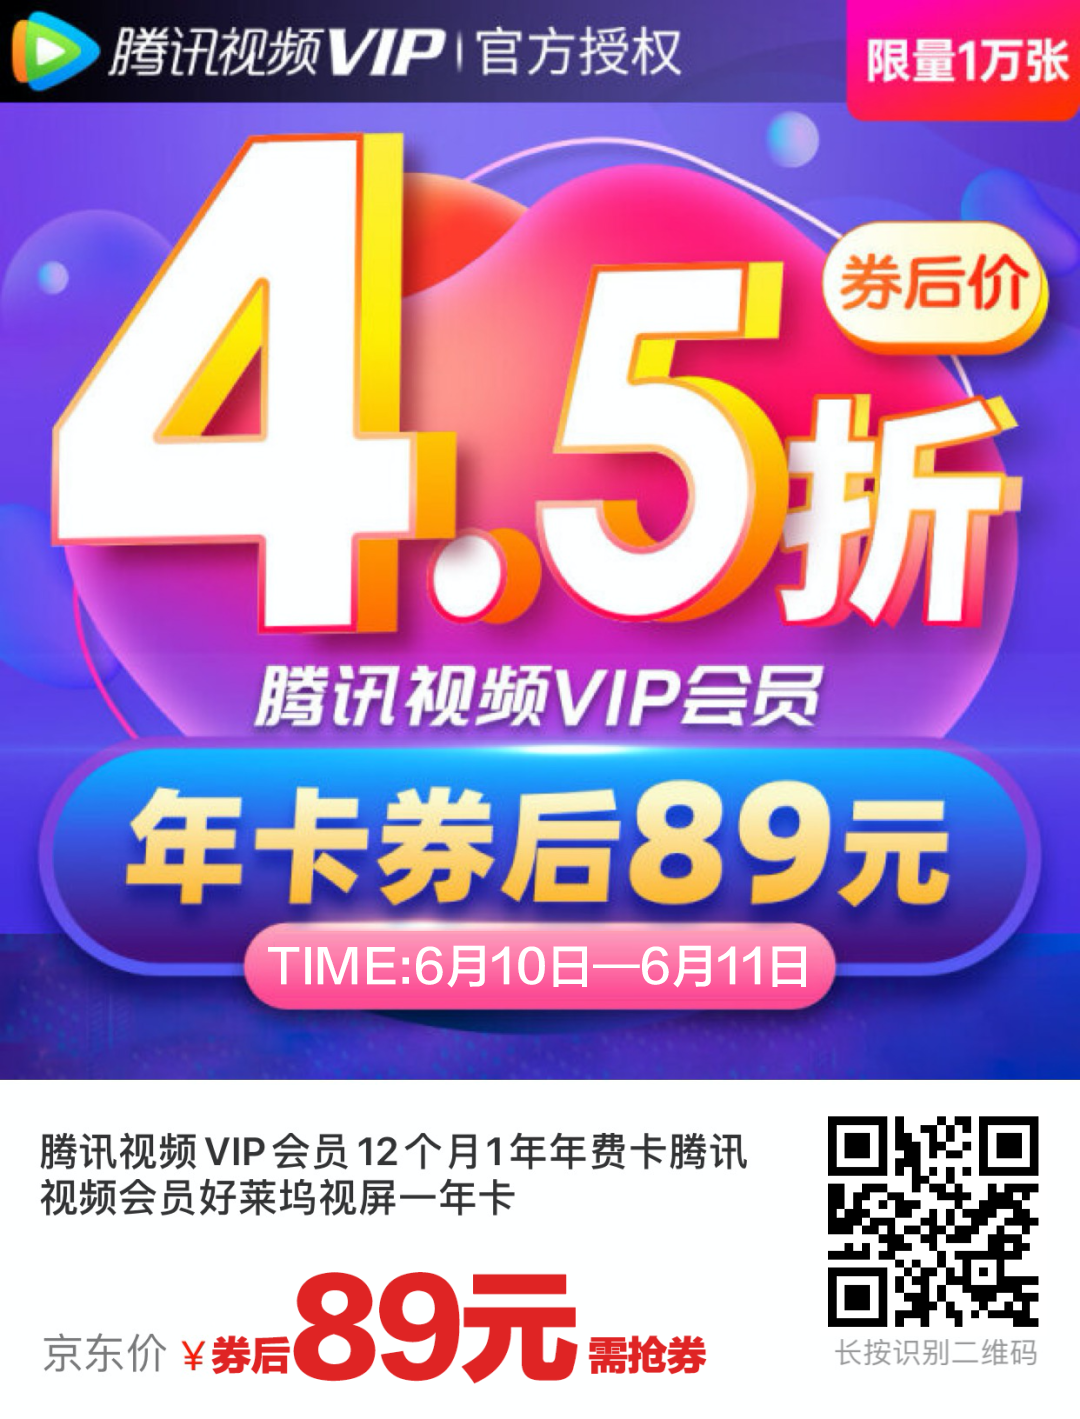 腾讯视频会员 特价99元一年 抢券低至89一年-五折会员网